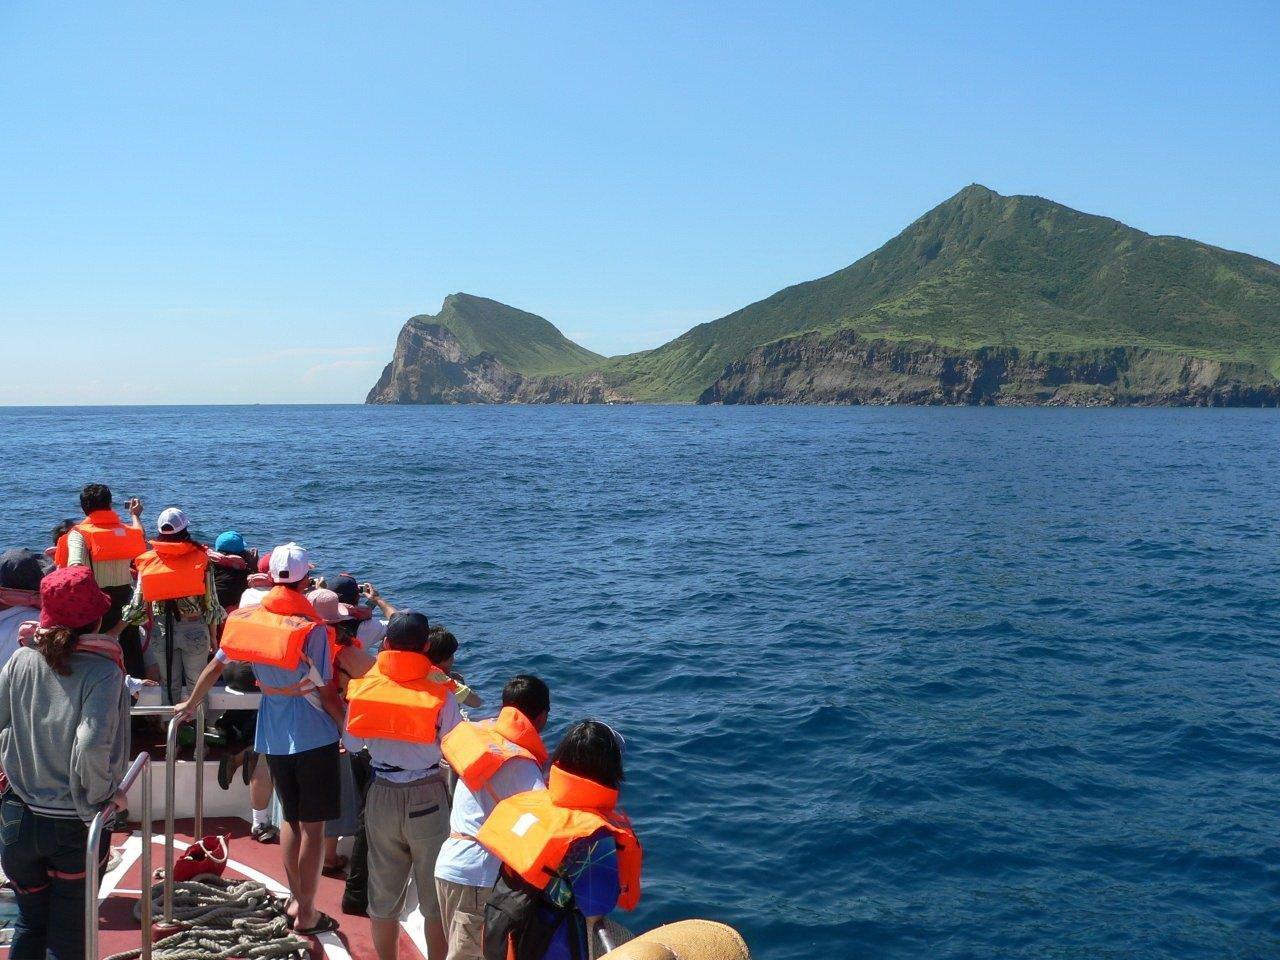 龜山島龜首再傳崩塌 風管處:自然現象